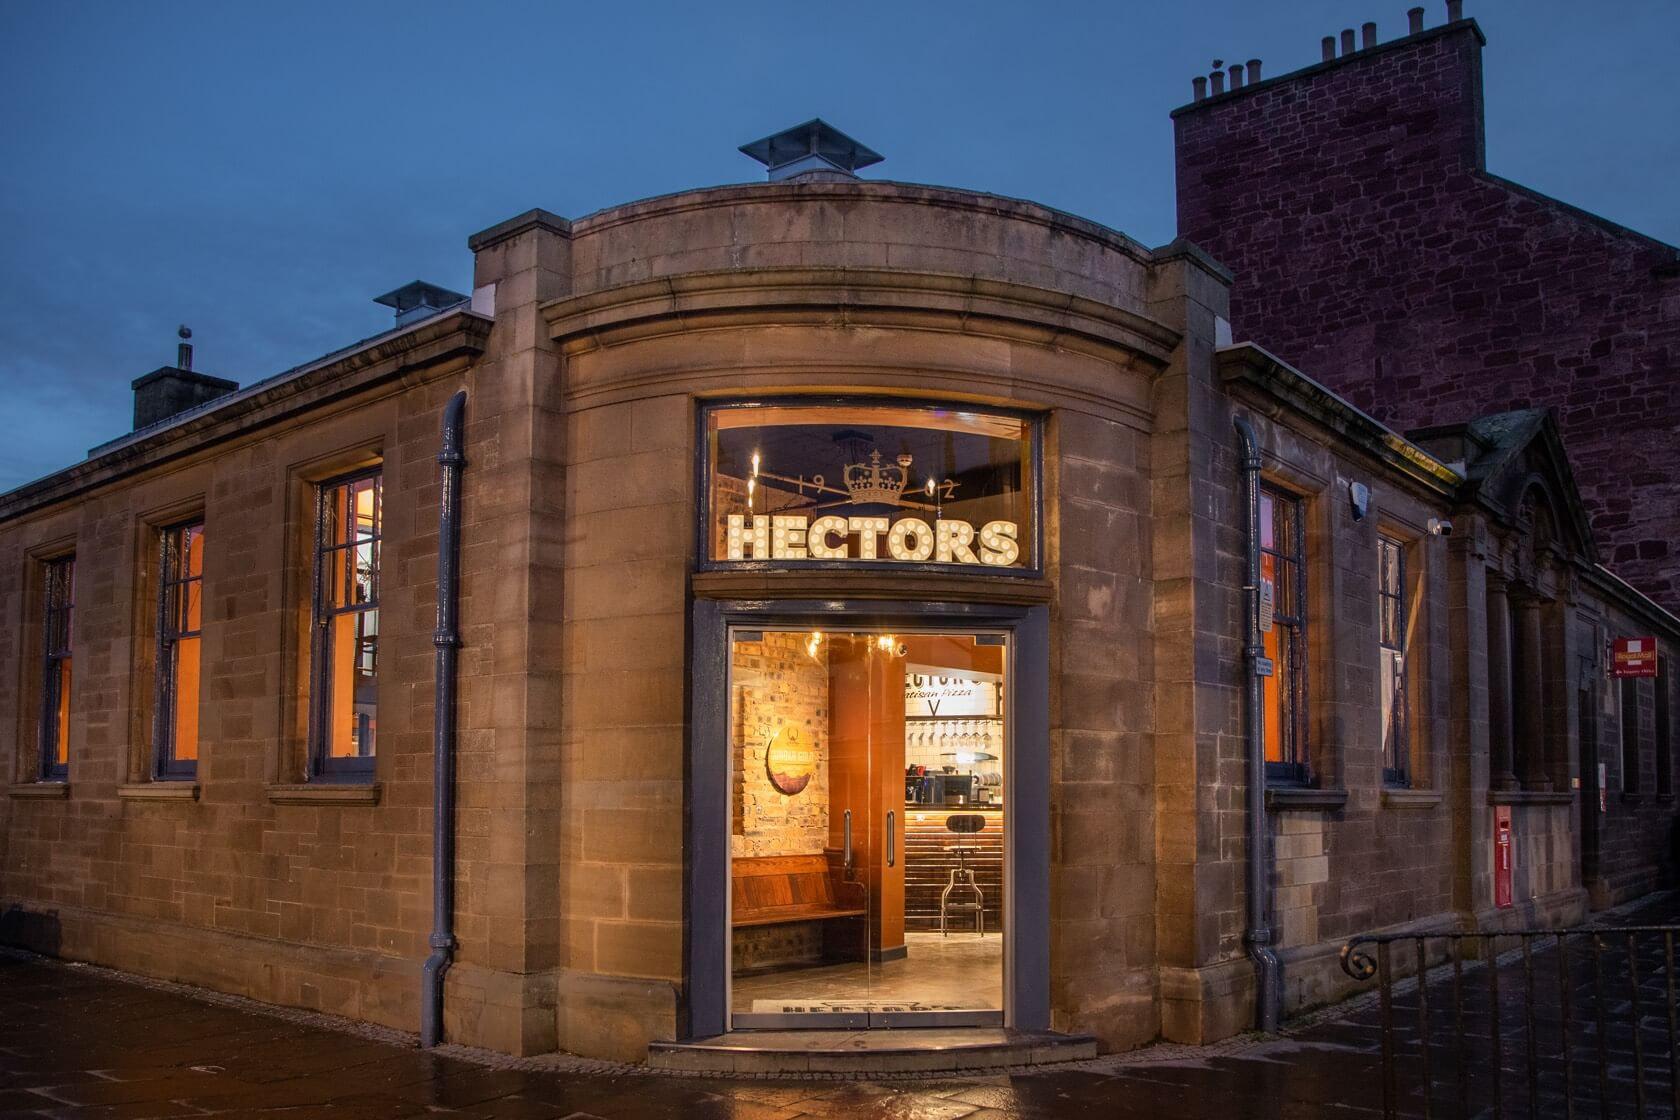 Hector's Artisan Pizza, Dunbar 01 - C&G Development